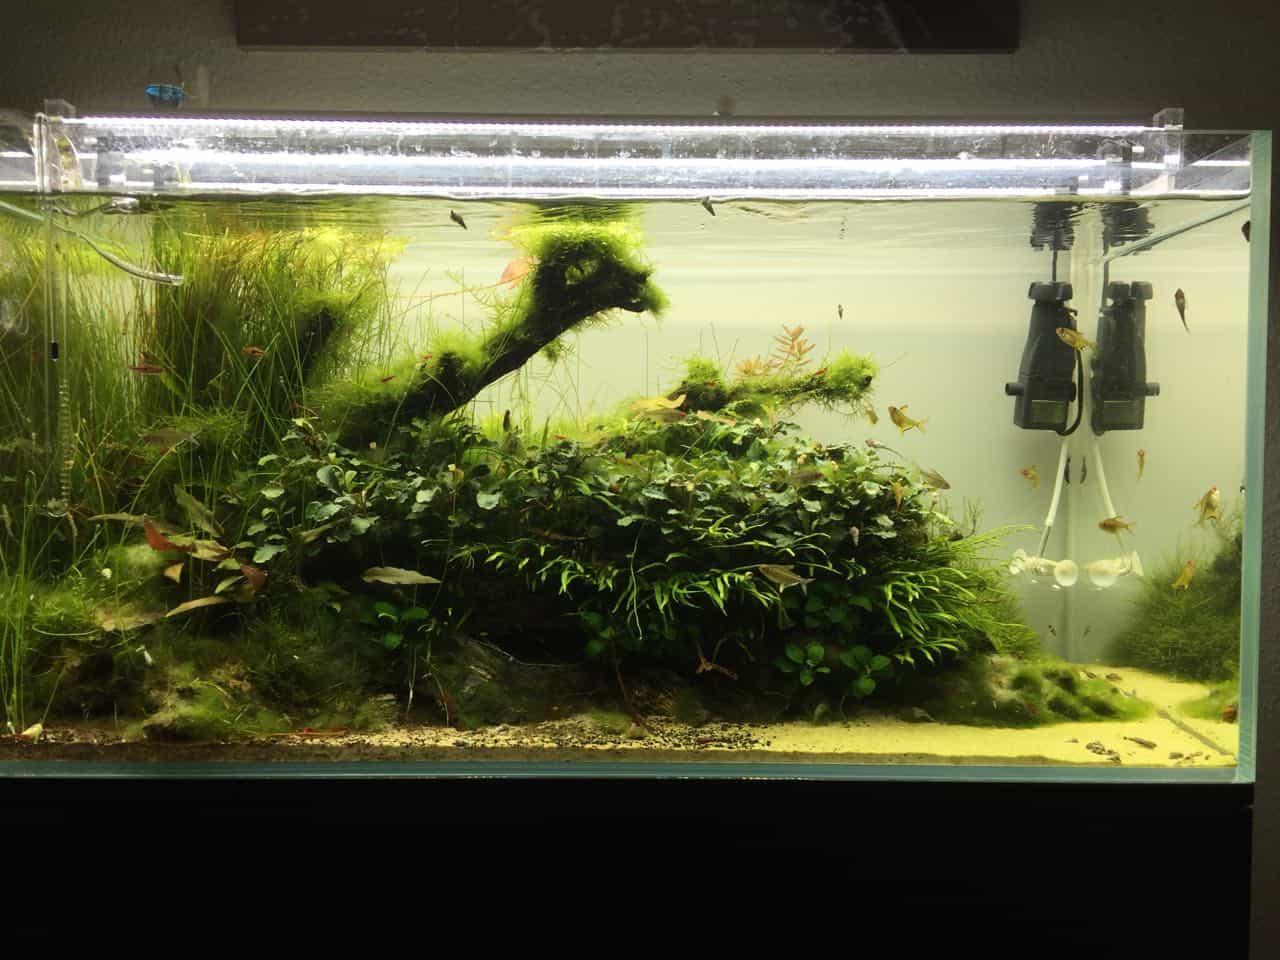 182 Vom Aquascape zum Biotop Aquarium (Dennis Laufer) 9